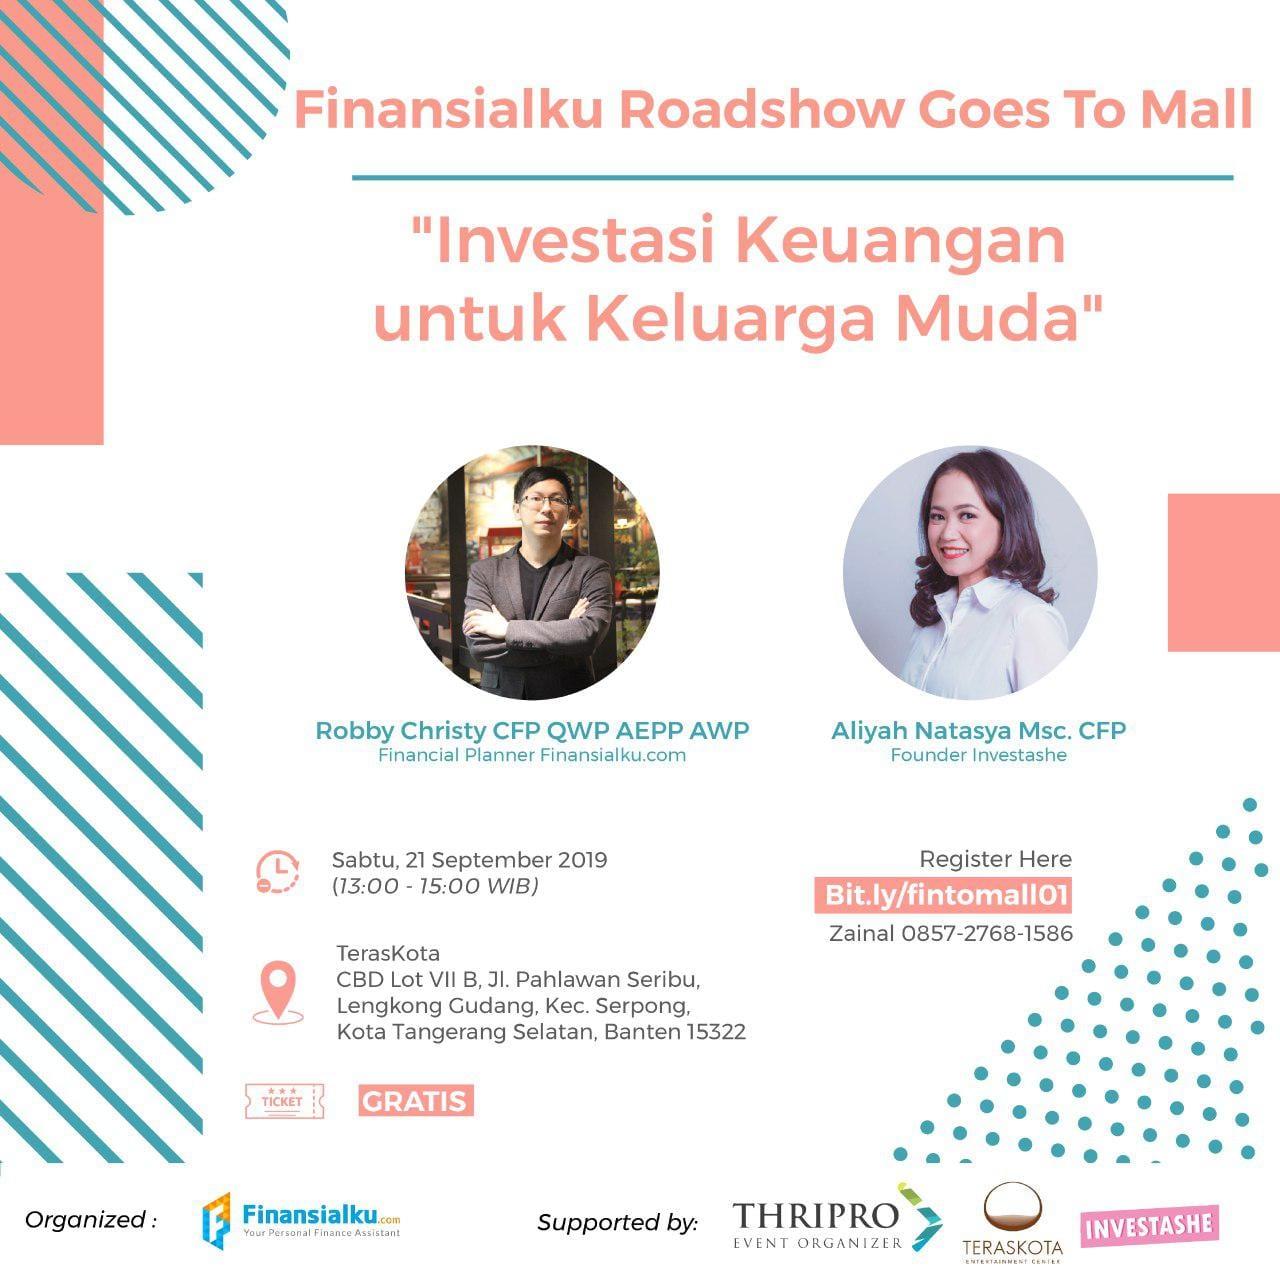 Finansialku Goes To Mall: Investasi Keuangan Untuk Keluarga Muda